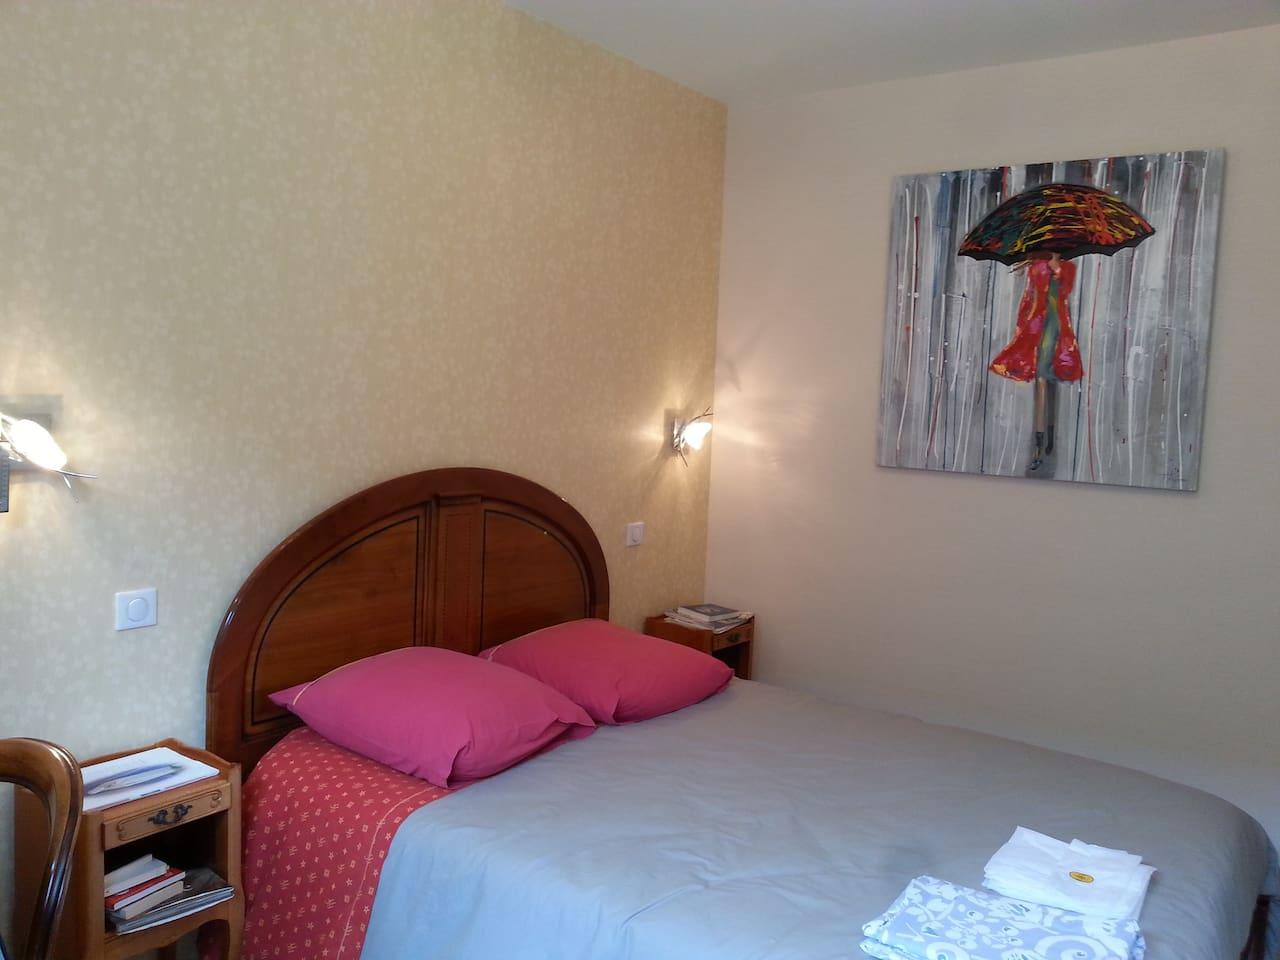 Chambre à coucher 2 personnes.